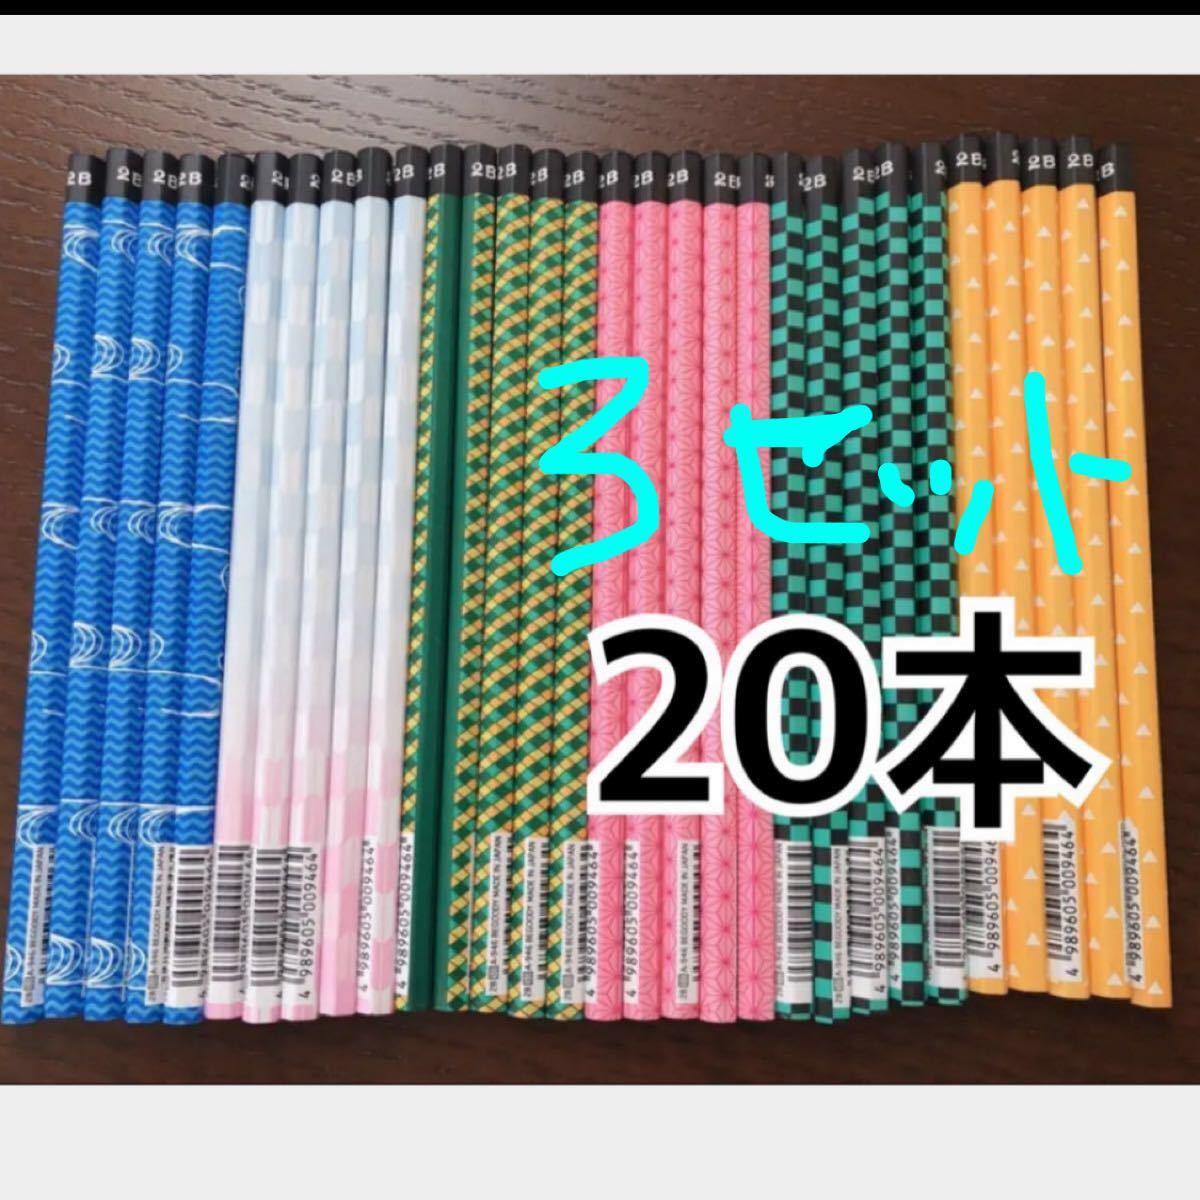 鬼滅の刃 鬼滅 2B鉛筆 8本 キャップ&和柄2B鉛筆 20本×3セット 30本×1セット